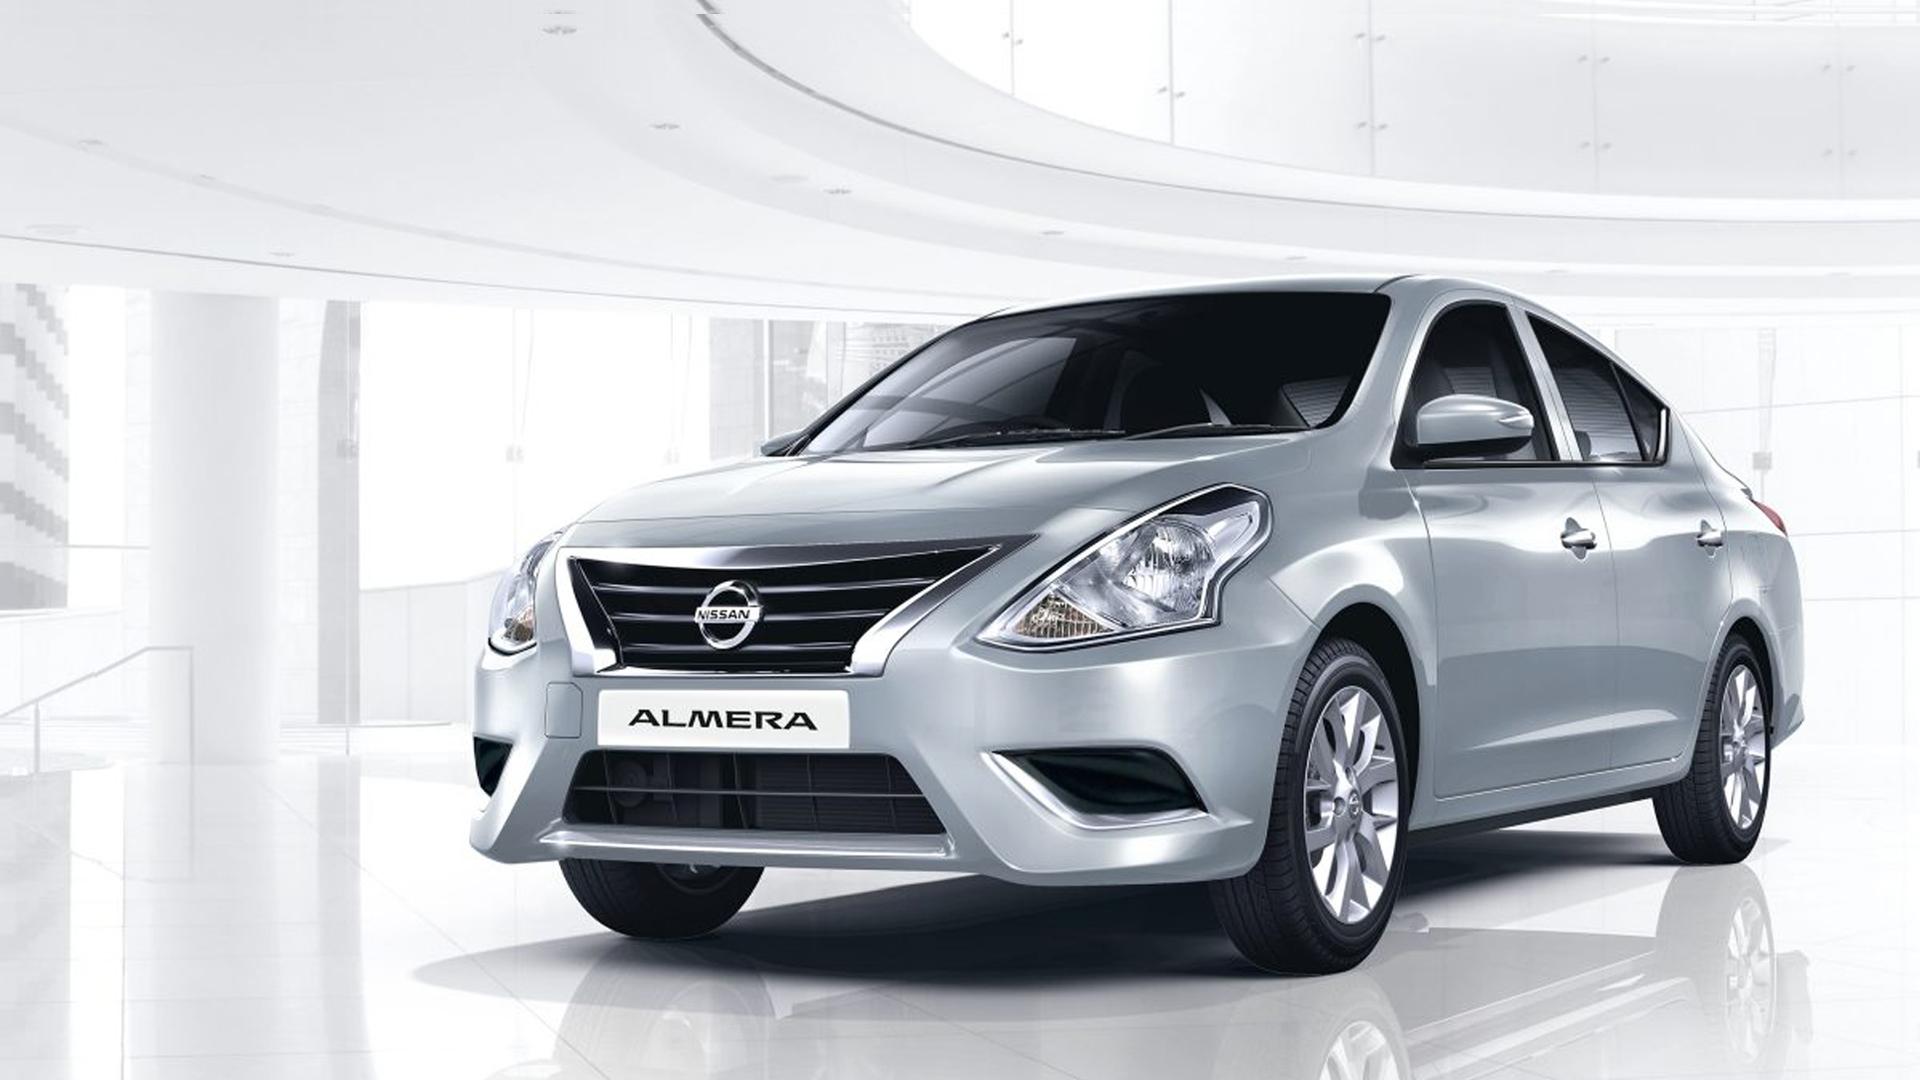 Nissan Almera Specials